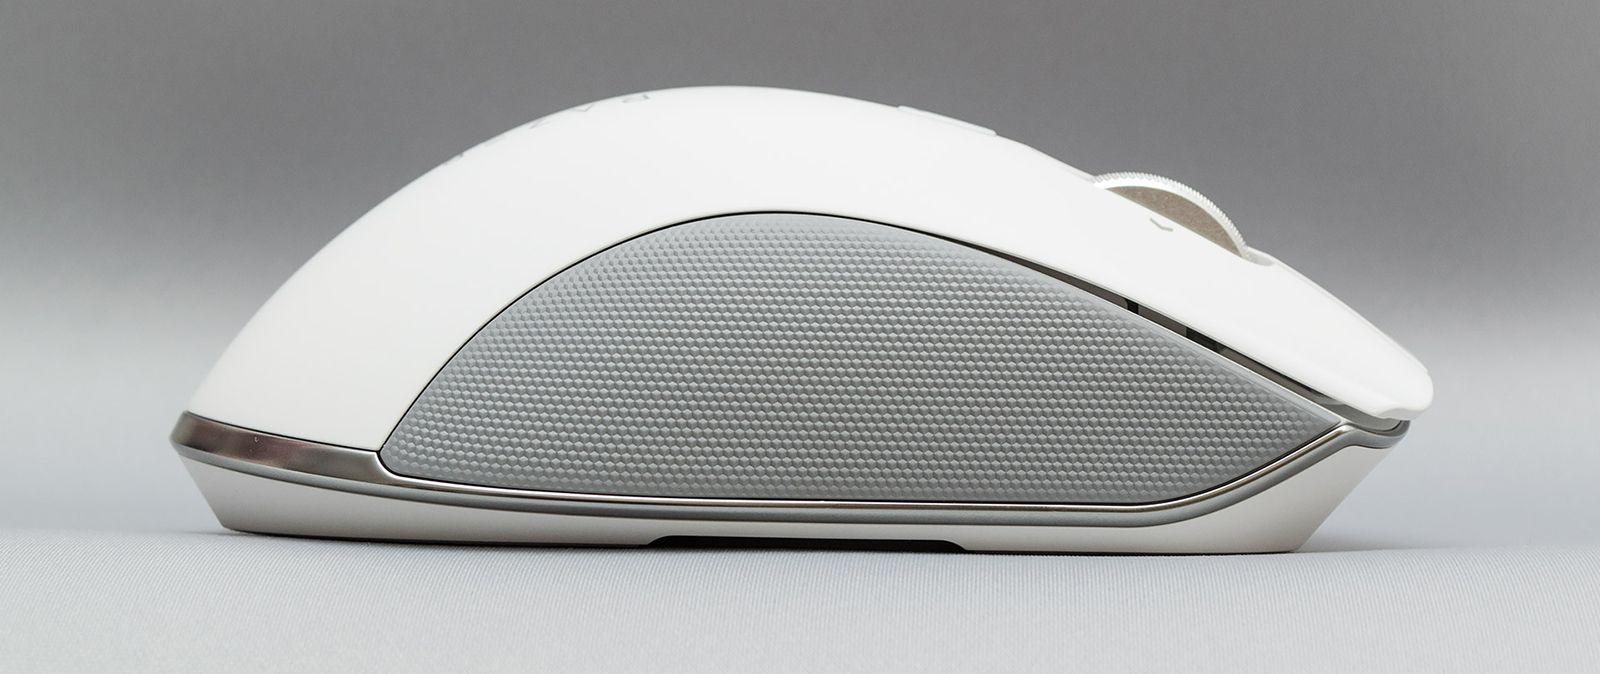 Мышка Razer Pro Click. Фото 32